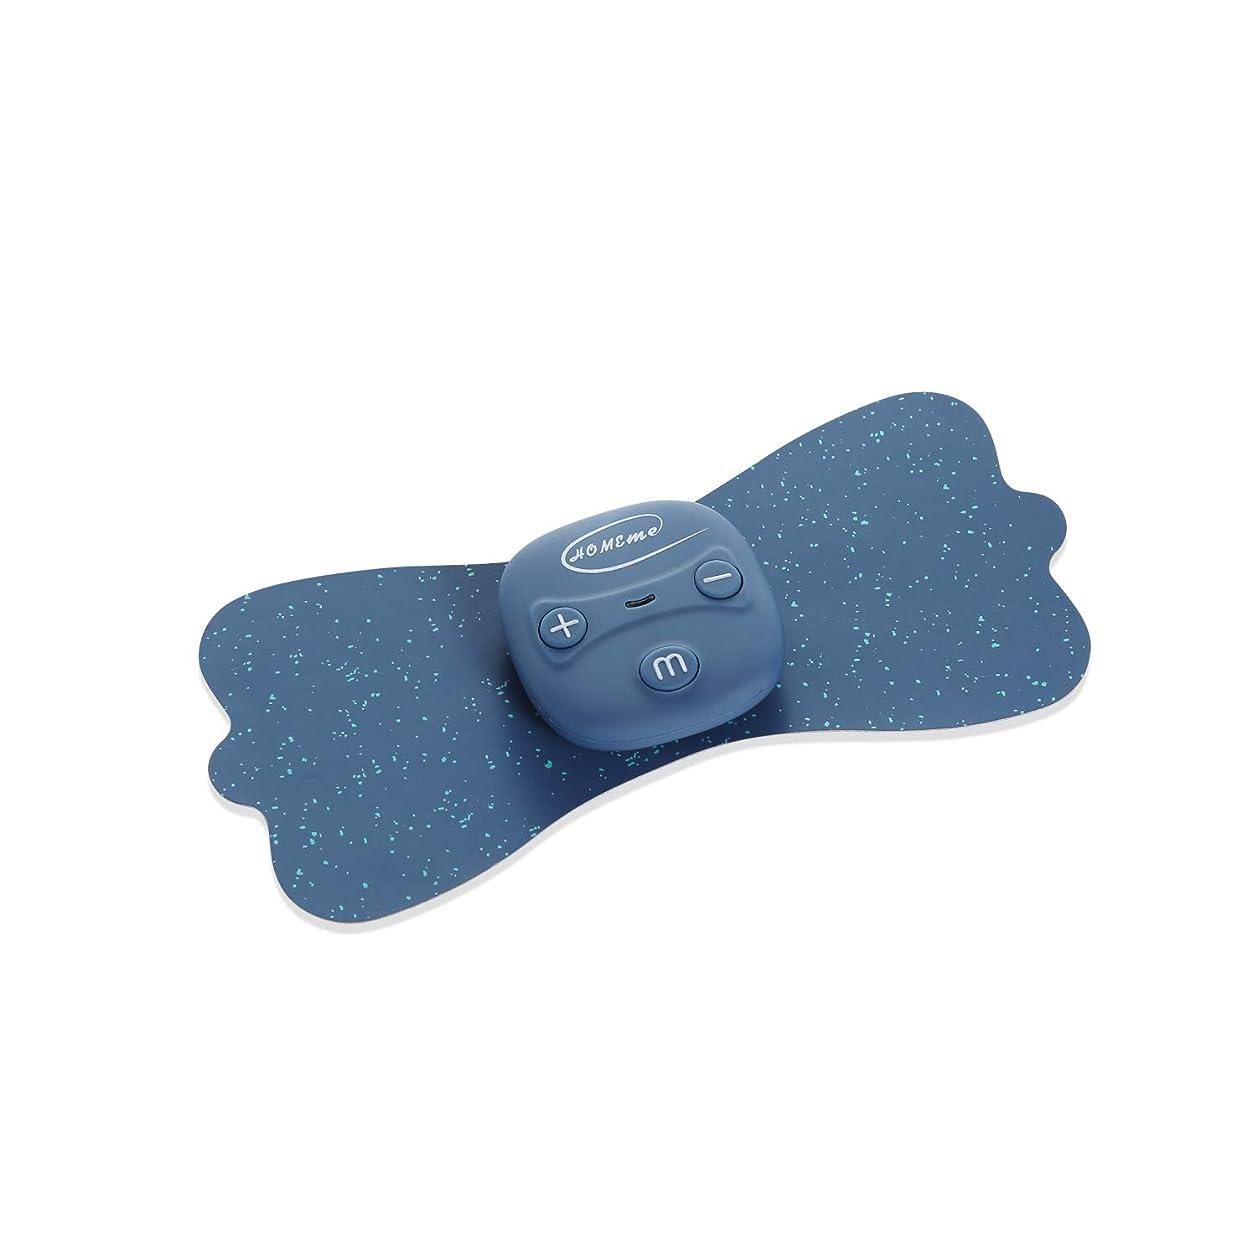 スペル安定しました誰でもHOMEME 低周波マッサージパッド 2枚 EMSパッド 15段階調節 6つモード 腰マッサージ usb充電式 筋疲労回復 一年保証 首/肩/腰/背中/手/足向け